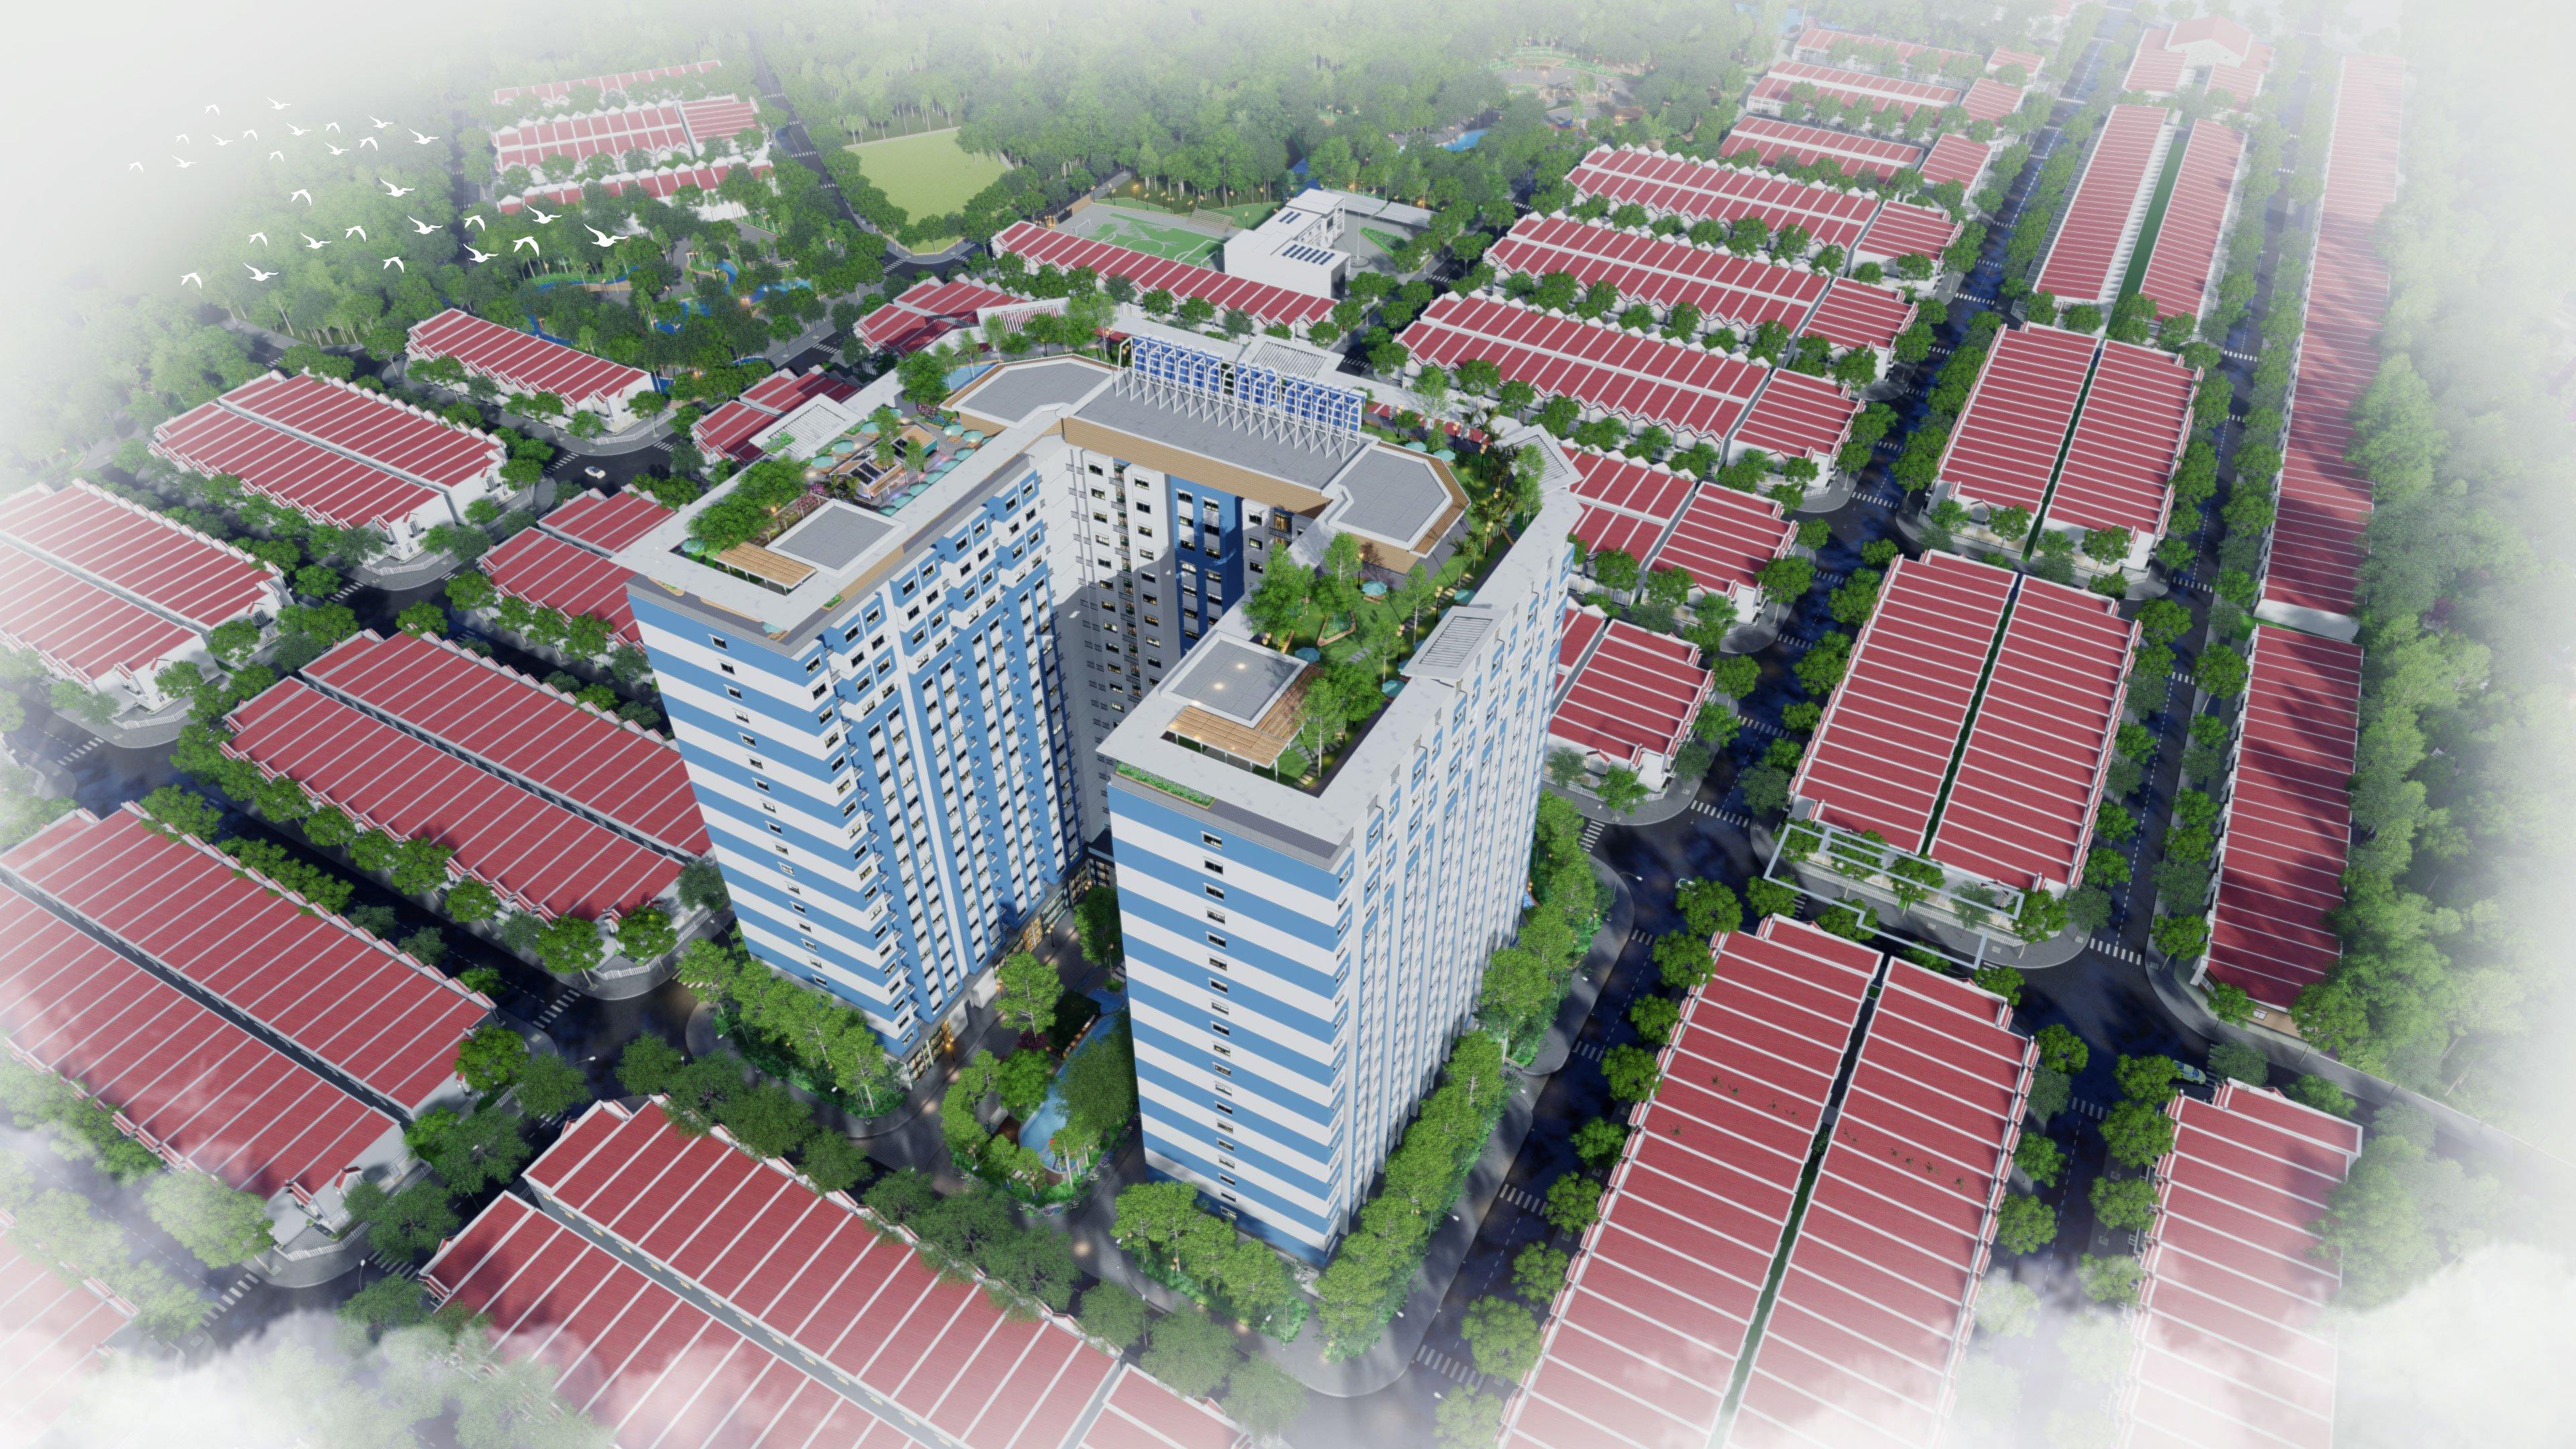 dự án thịnh gia tower là trái tim của khu đô thị thịnh gia